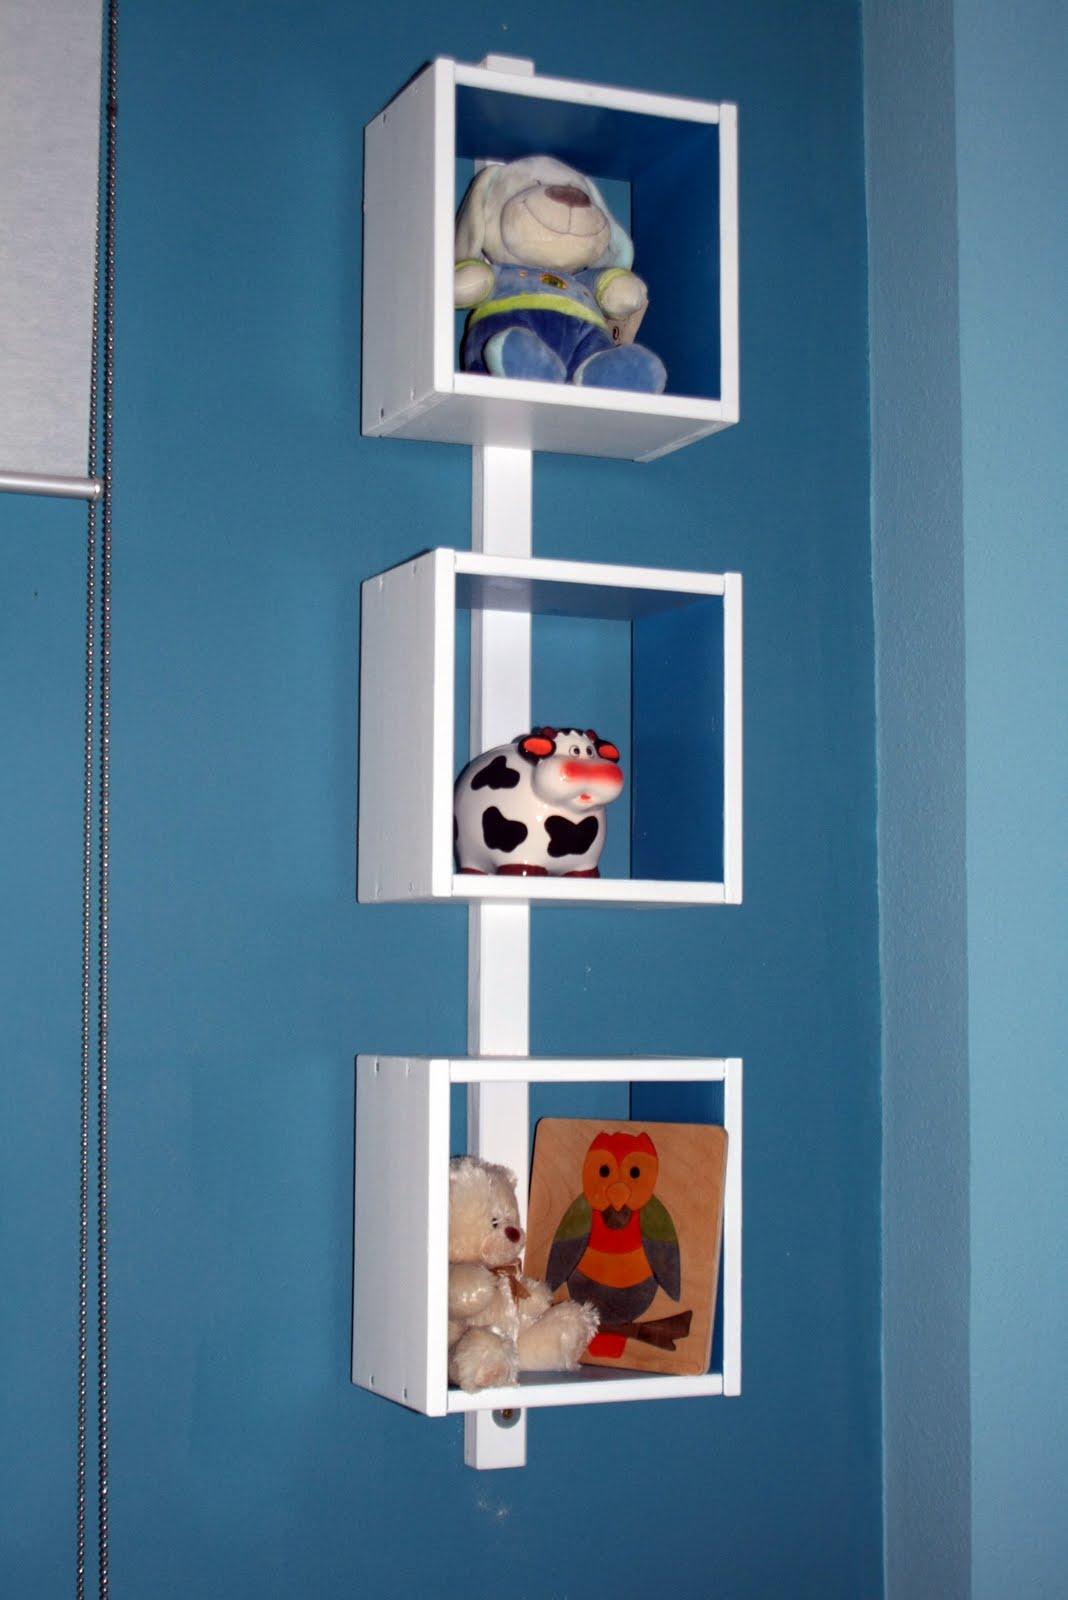 Mi casa decoracion estanterias de madera ikea gorm shelving for Mi casa decoracion